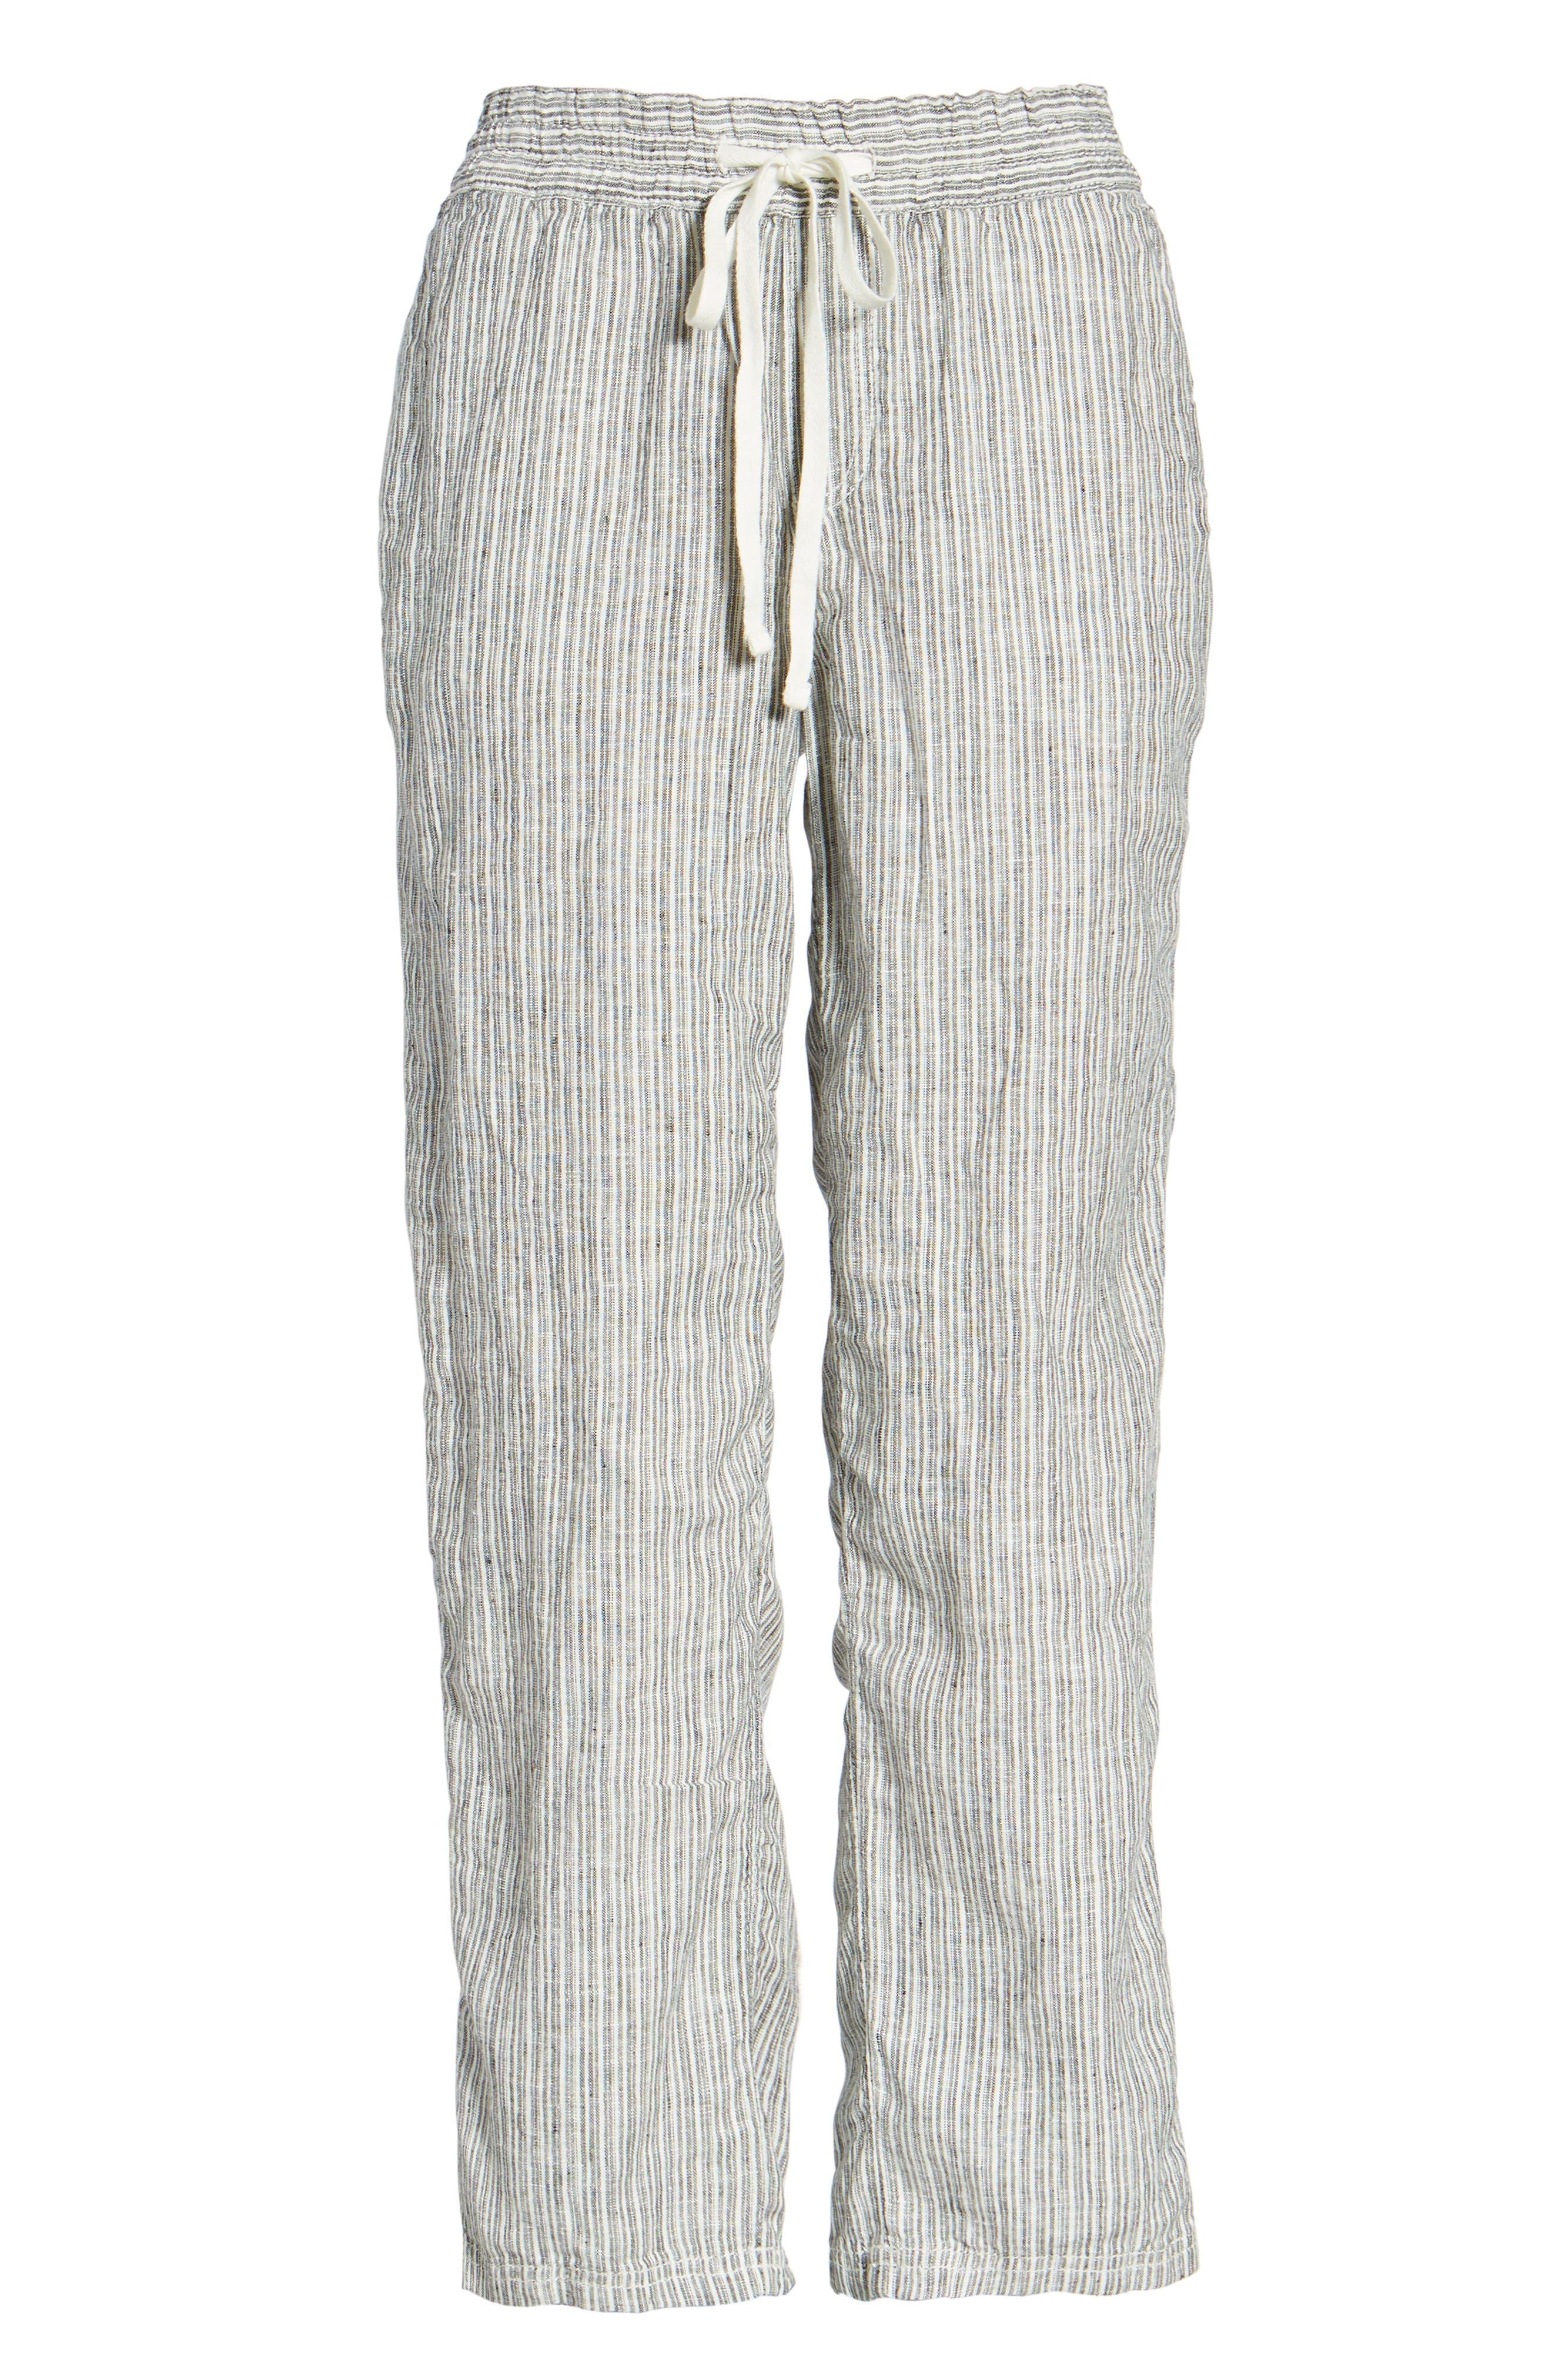 Linen Crop Pants,                             Alternate thumbnail 40, color,